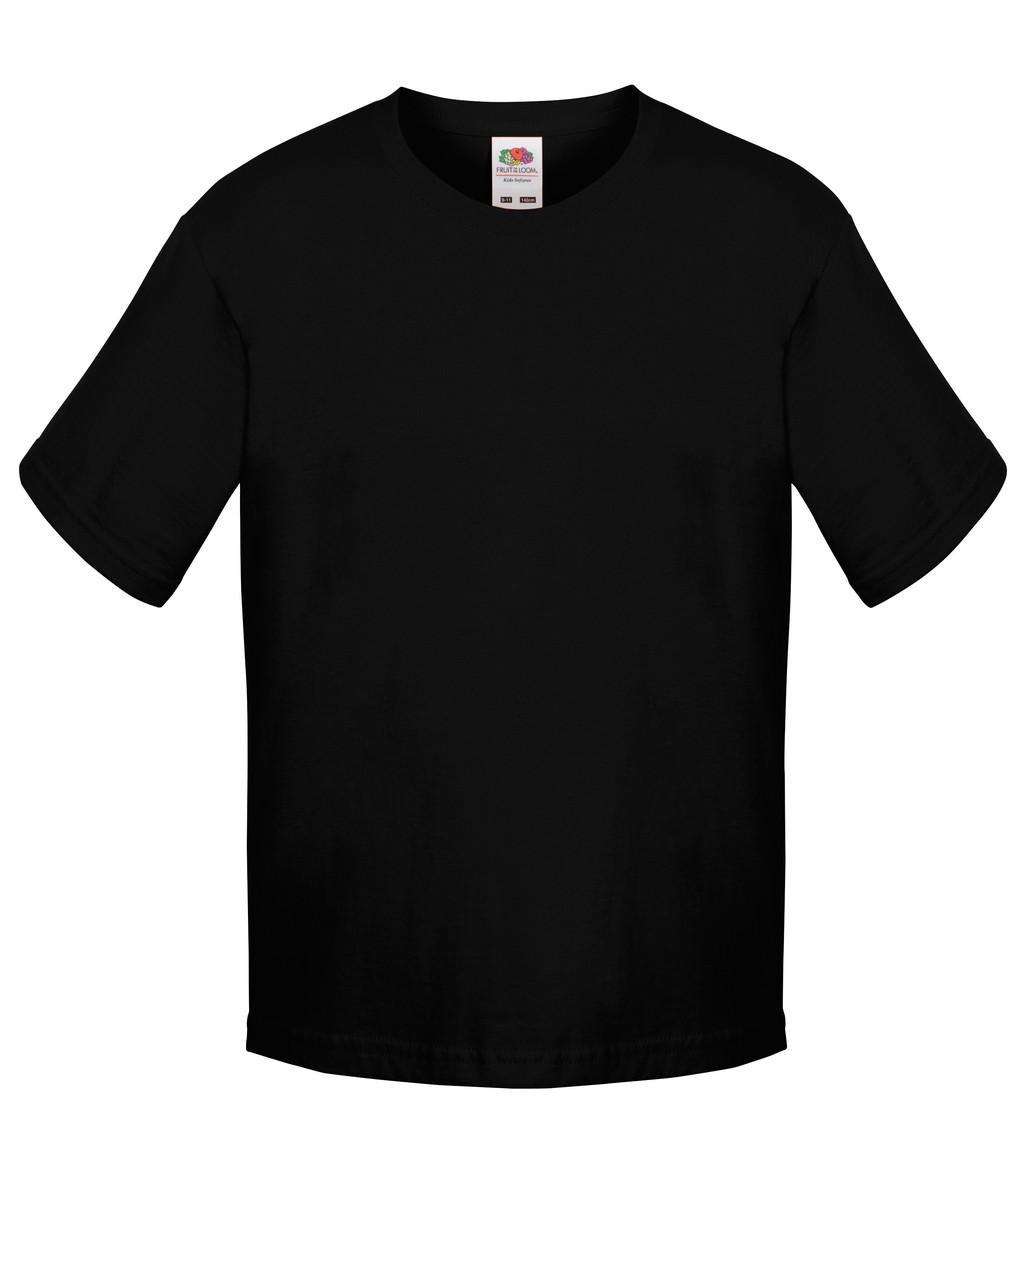 Детская футболка Мягкая для Мальчиков Чёрная Fruit of the loom 61-015-36 7-8